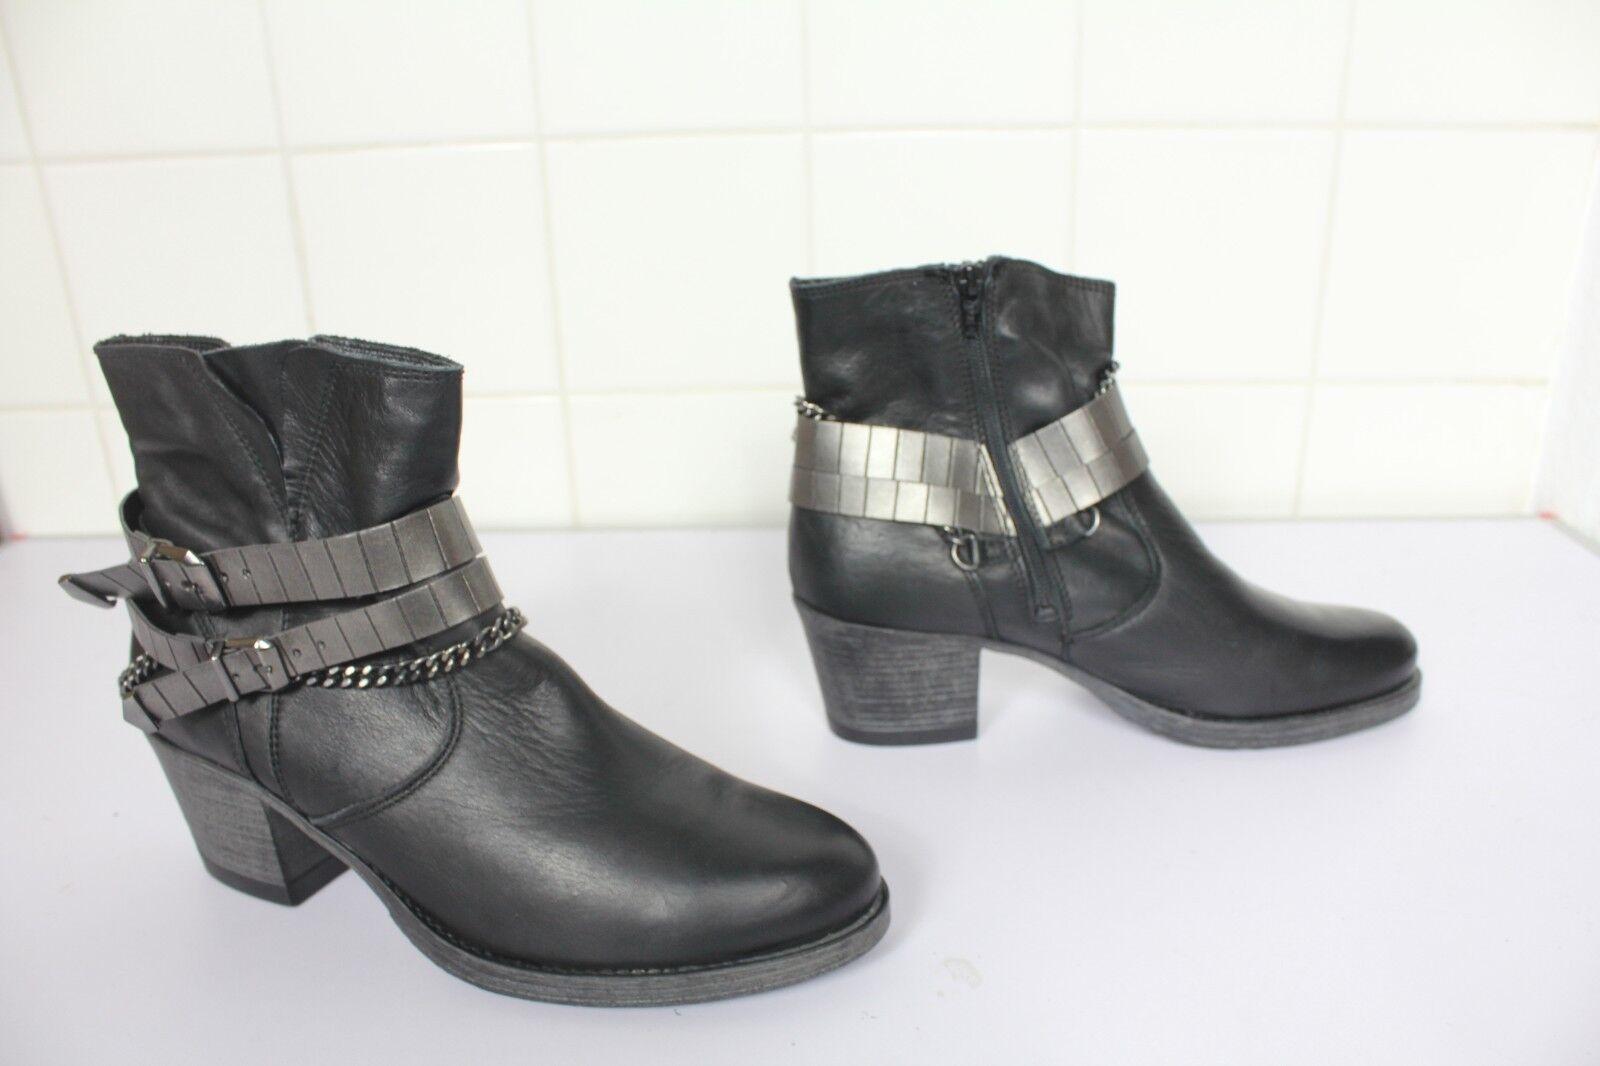 Tamaris Trendy Elegante Stiefeletten Stiefel Echtleder Schwarz Eu 41- Wie Neu